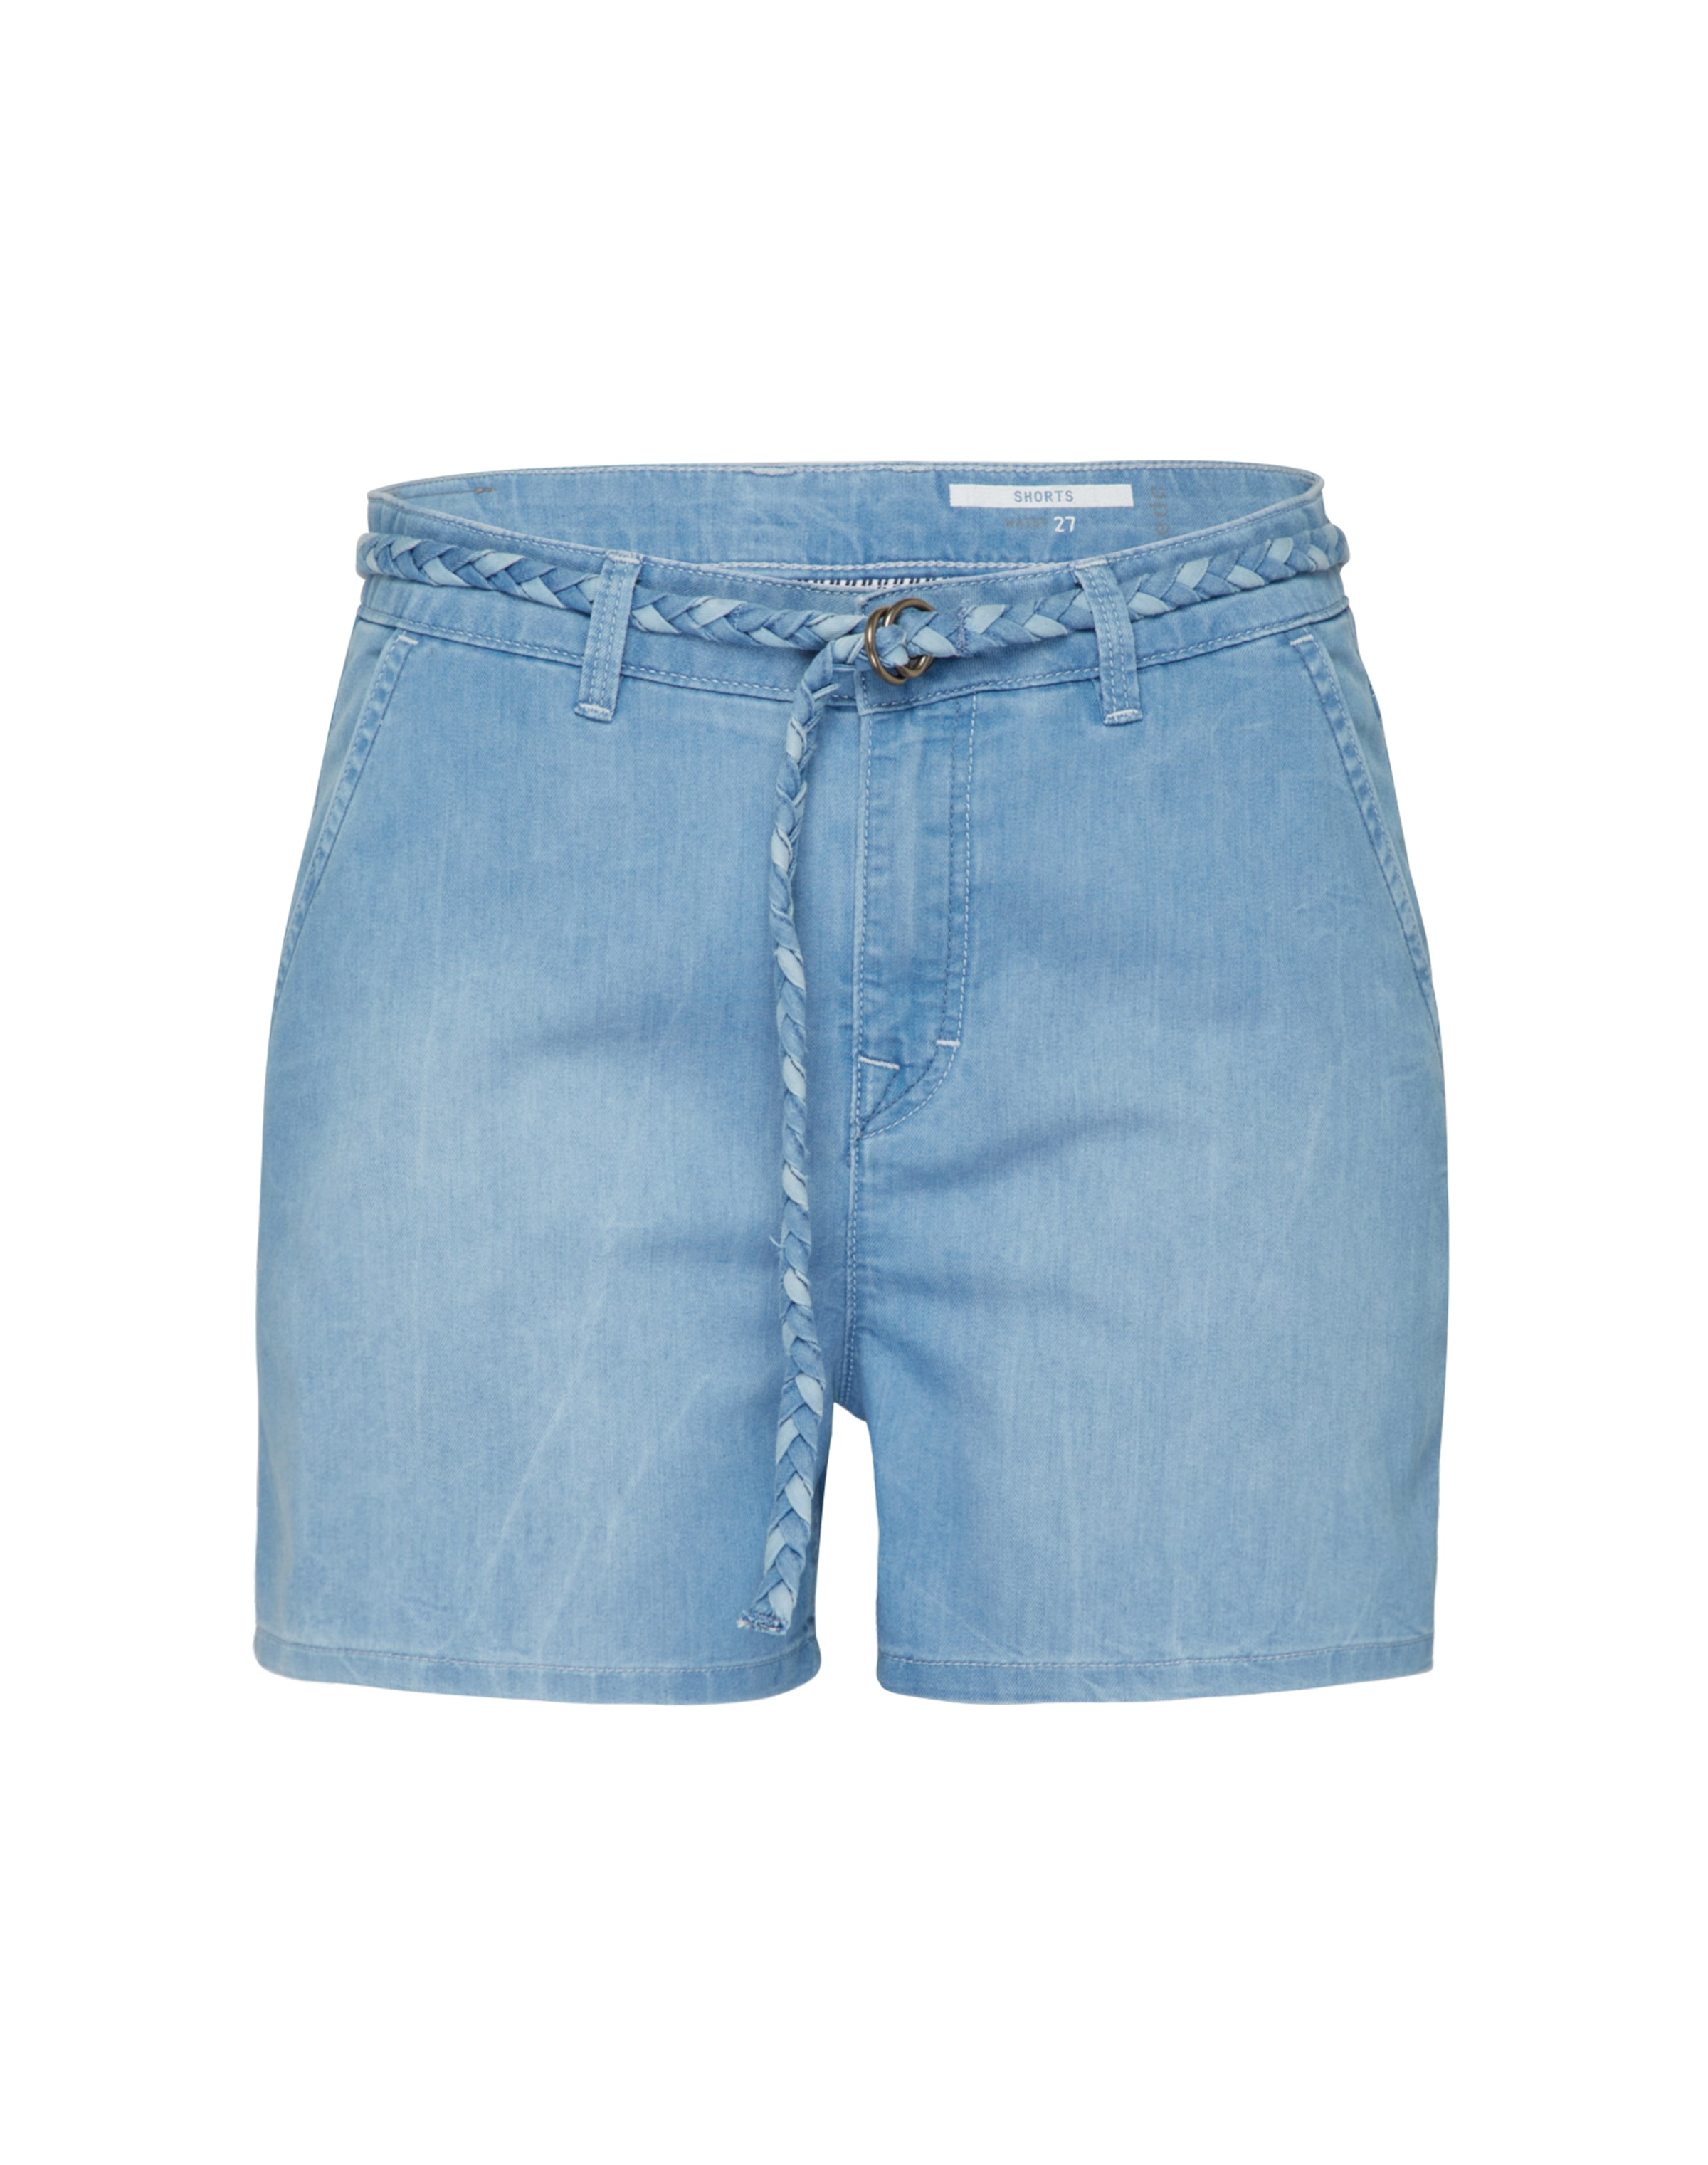 EDC BY ESPRIT 'Denim shorts' Jeans Günstig Kaufen Erschwinglich 2VL1ztGR